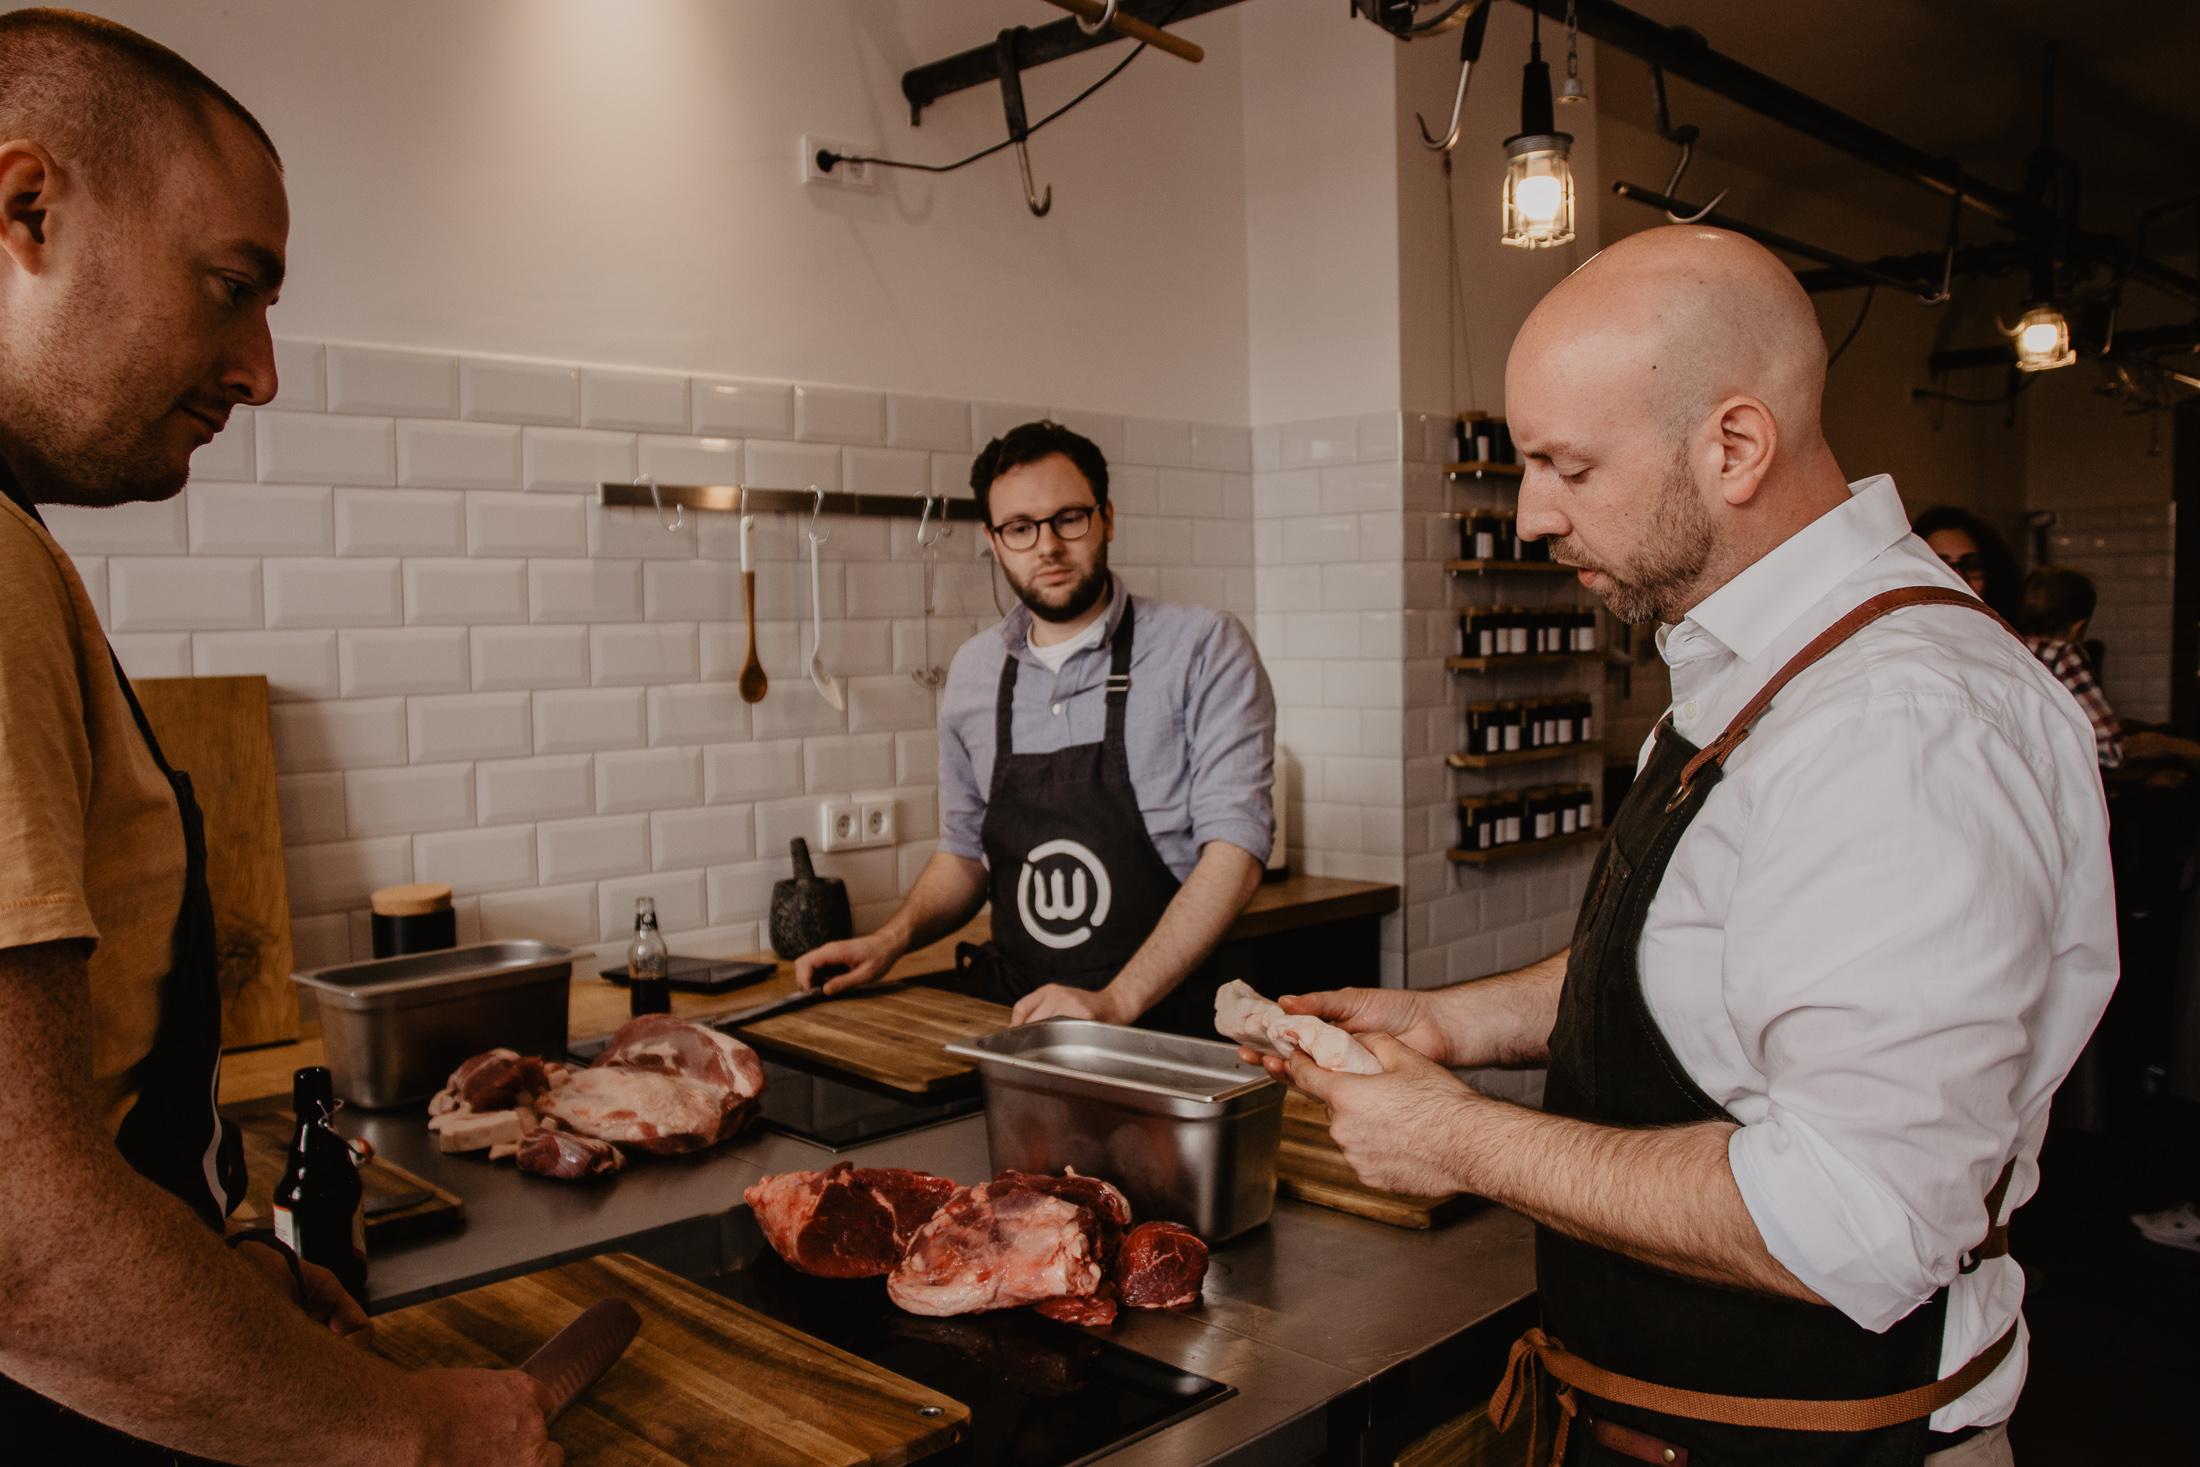 Christian Decker erklärt das zu verarbeitende Fleisch